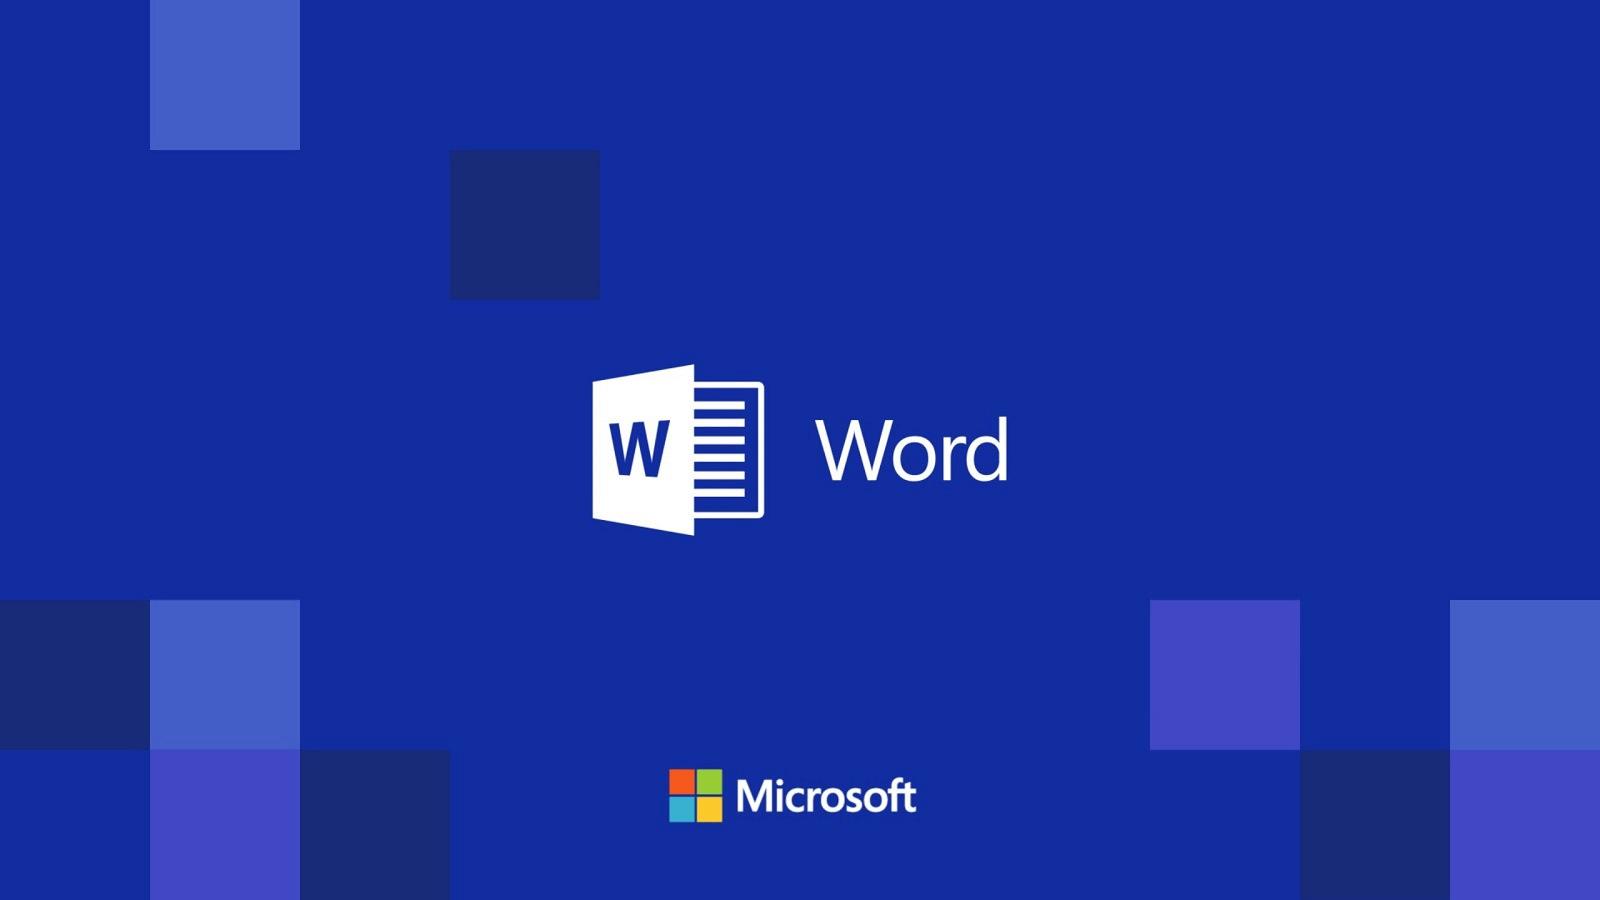 Những điều thuận tiện mà phần mềm word mang lại cho người dùng